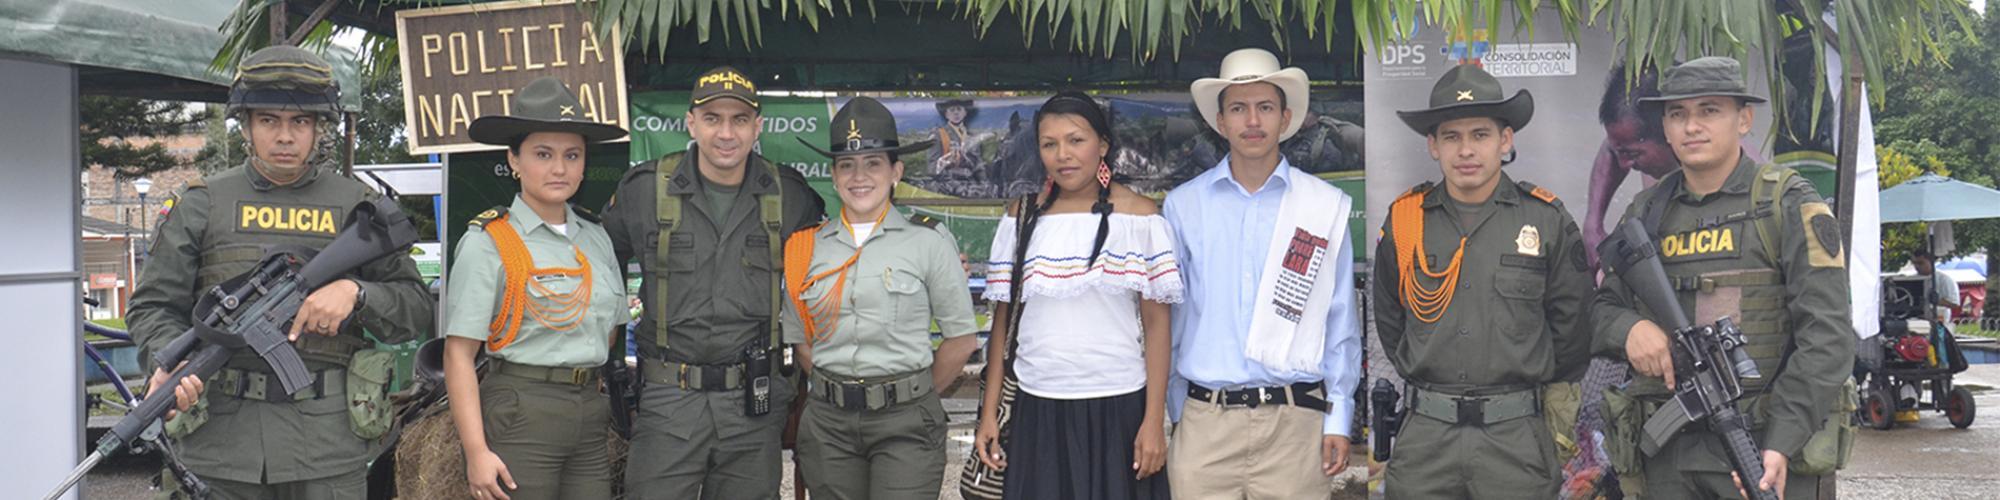 Departamento de polic a putumayo polic a nacional for Oficina de policia